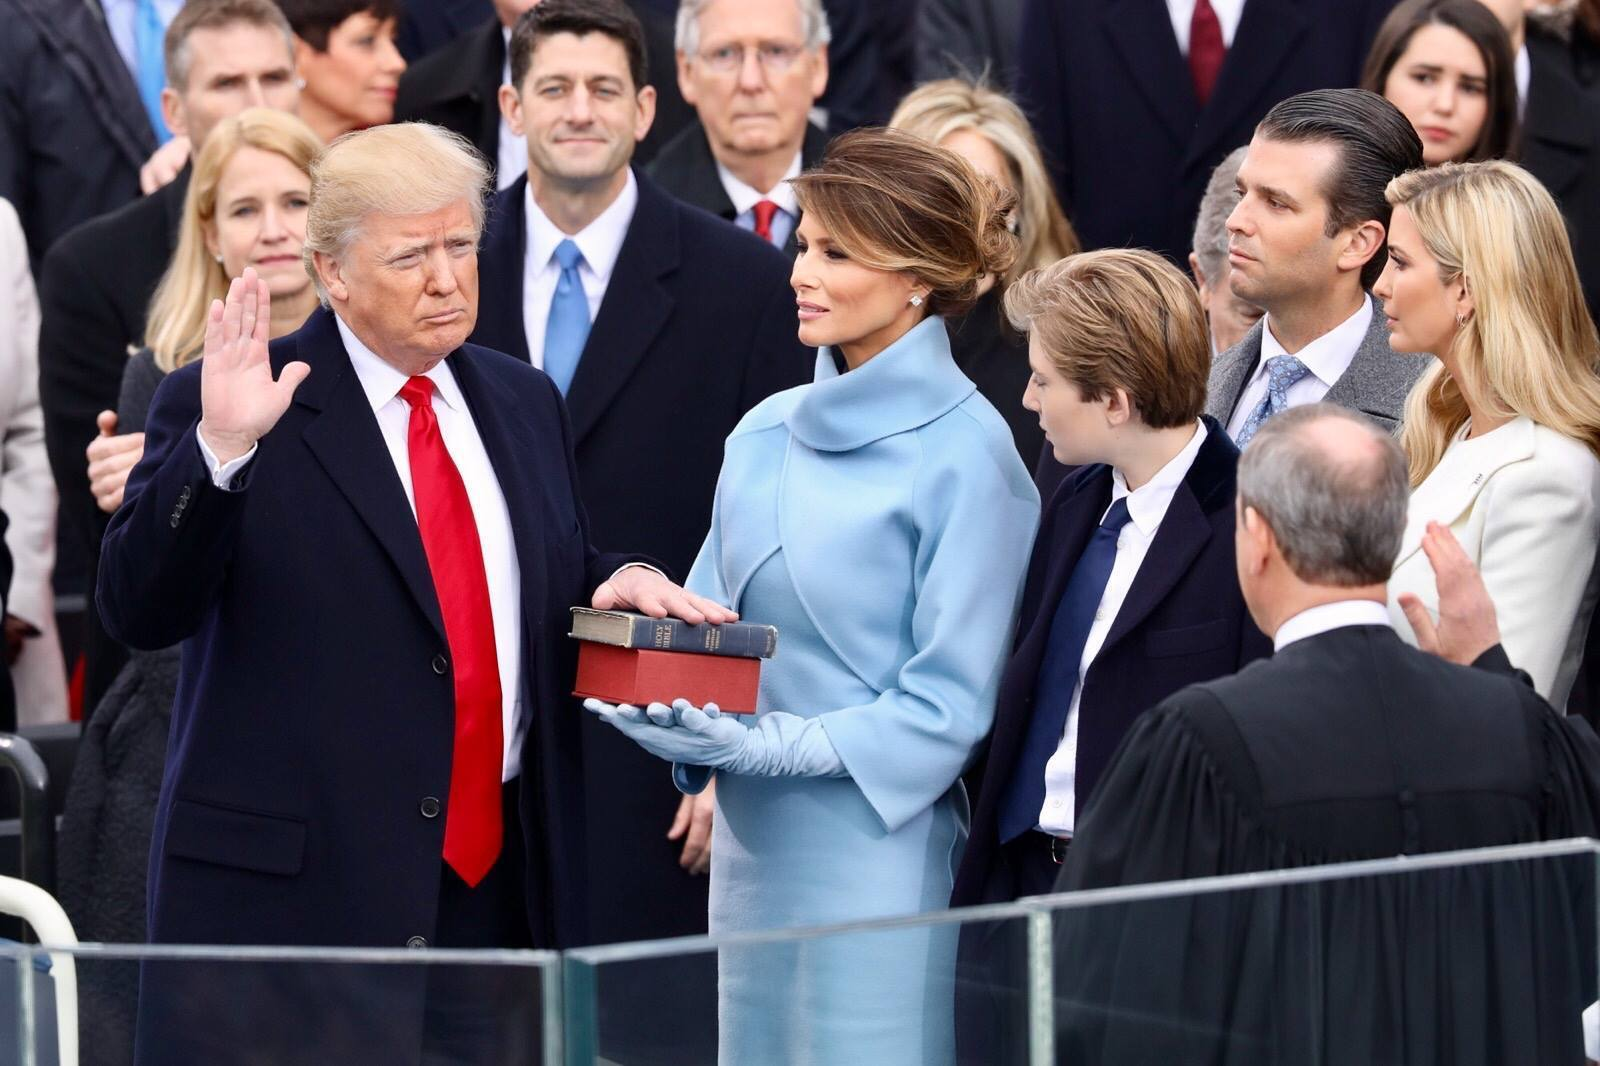 Дональд Трамп принимает присягу во время своей инаугурации